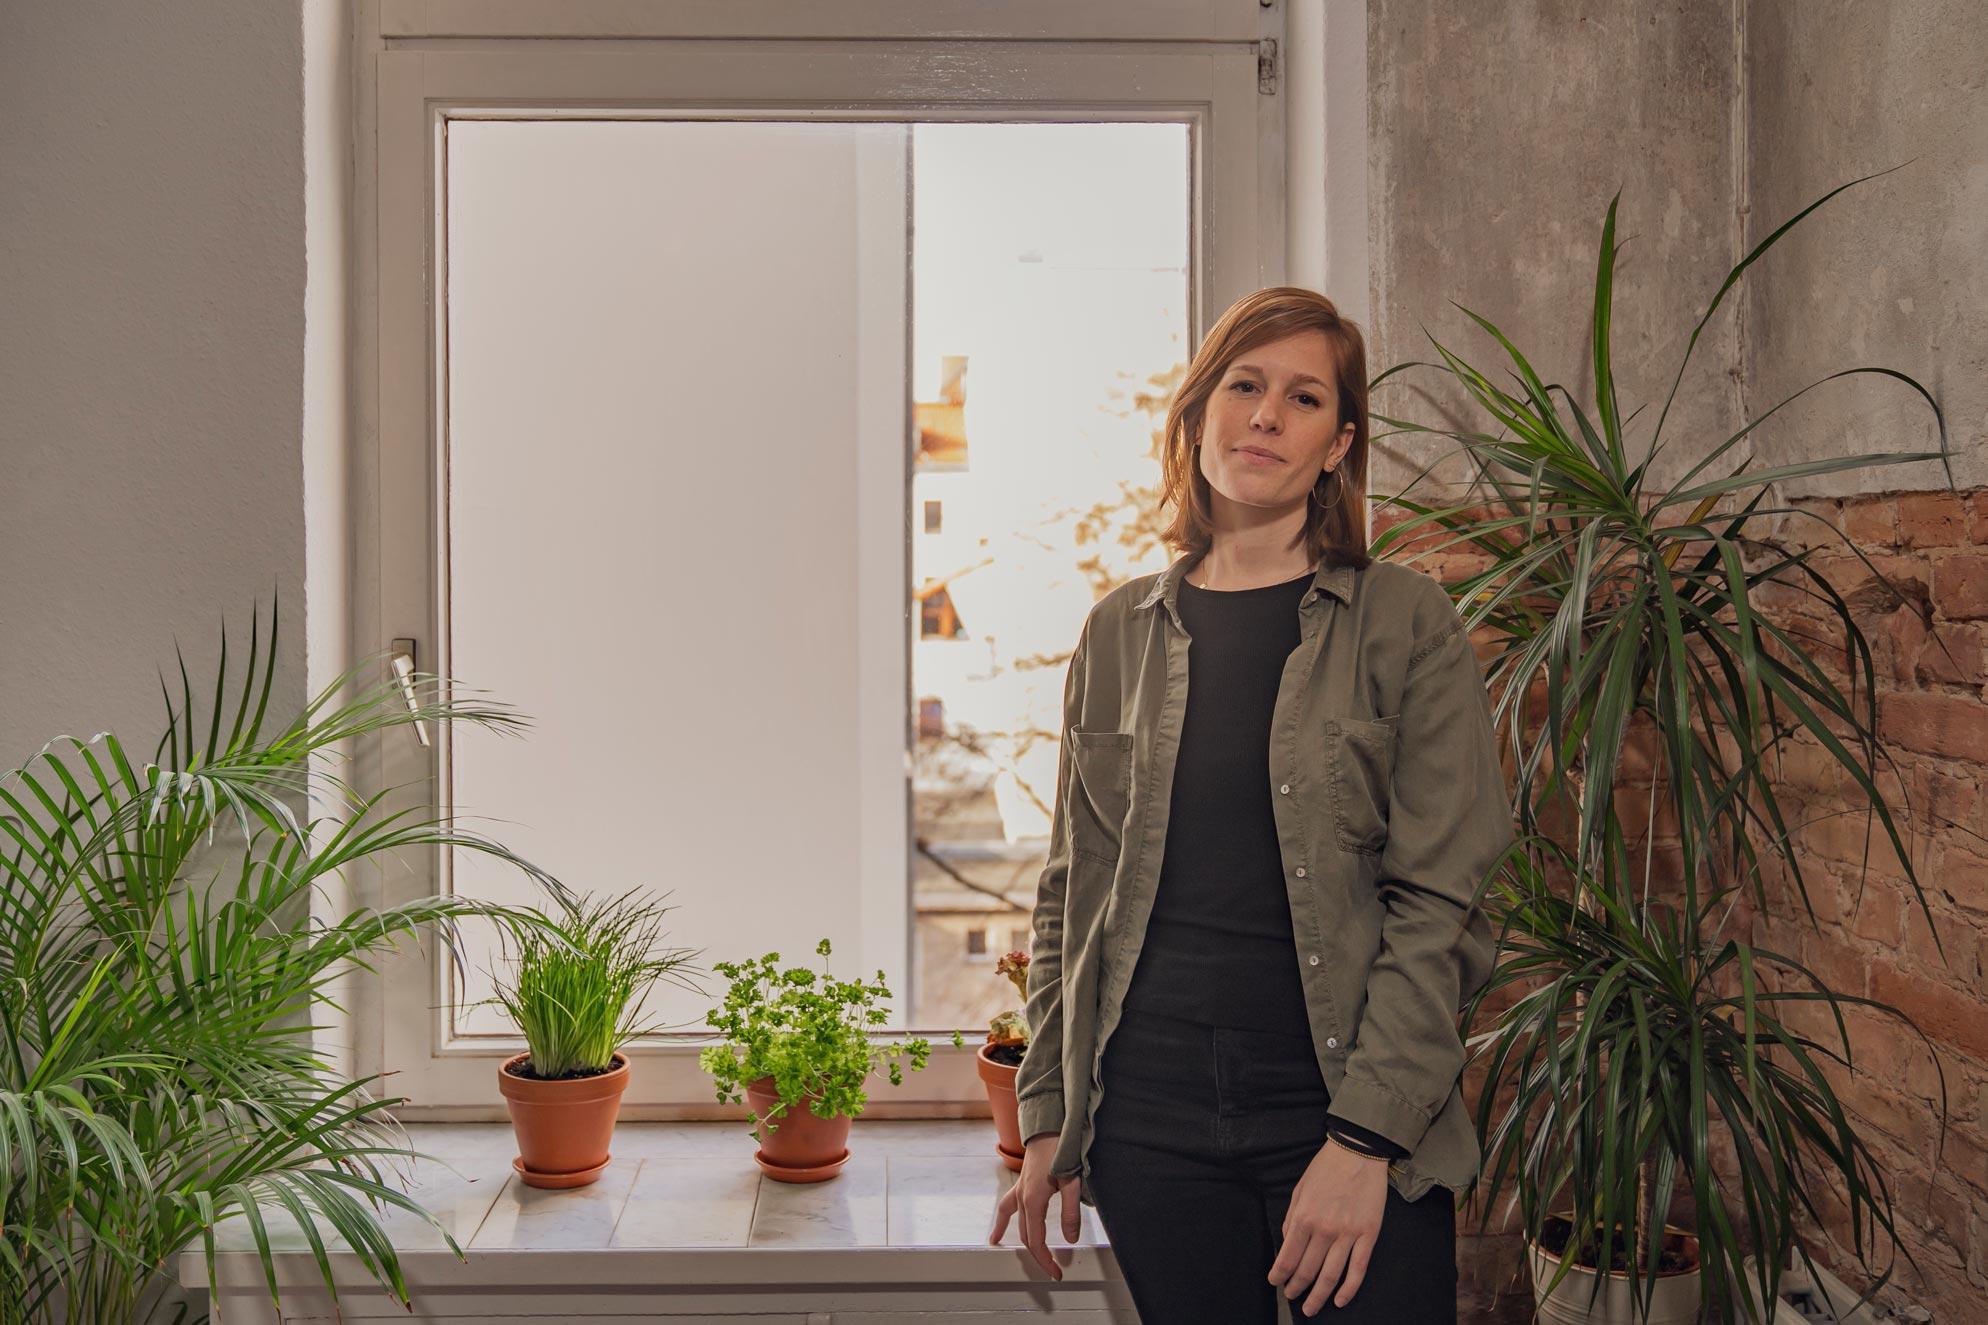 Grüneo founder Alicia Ferrer